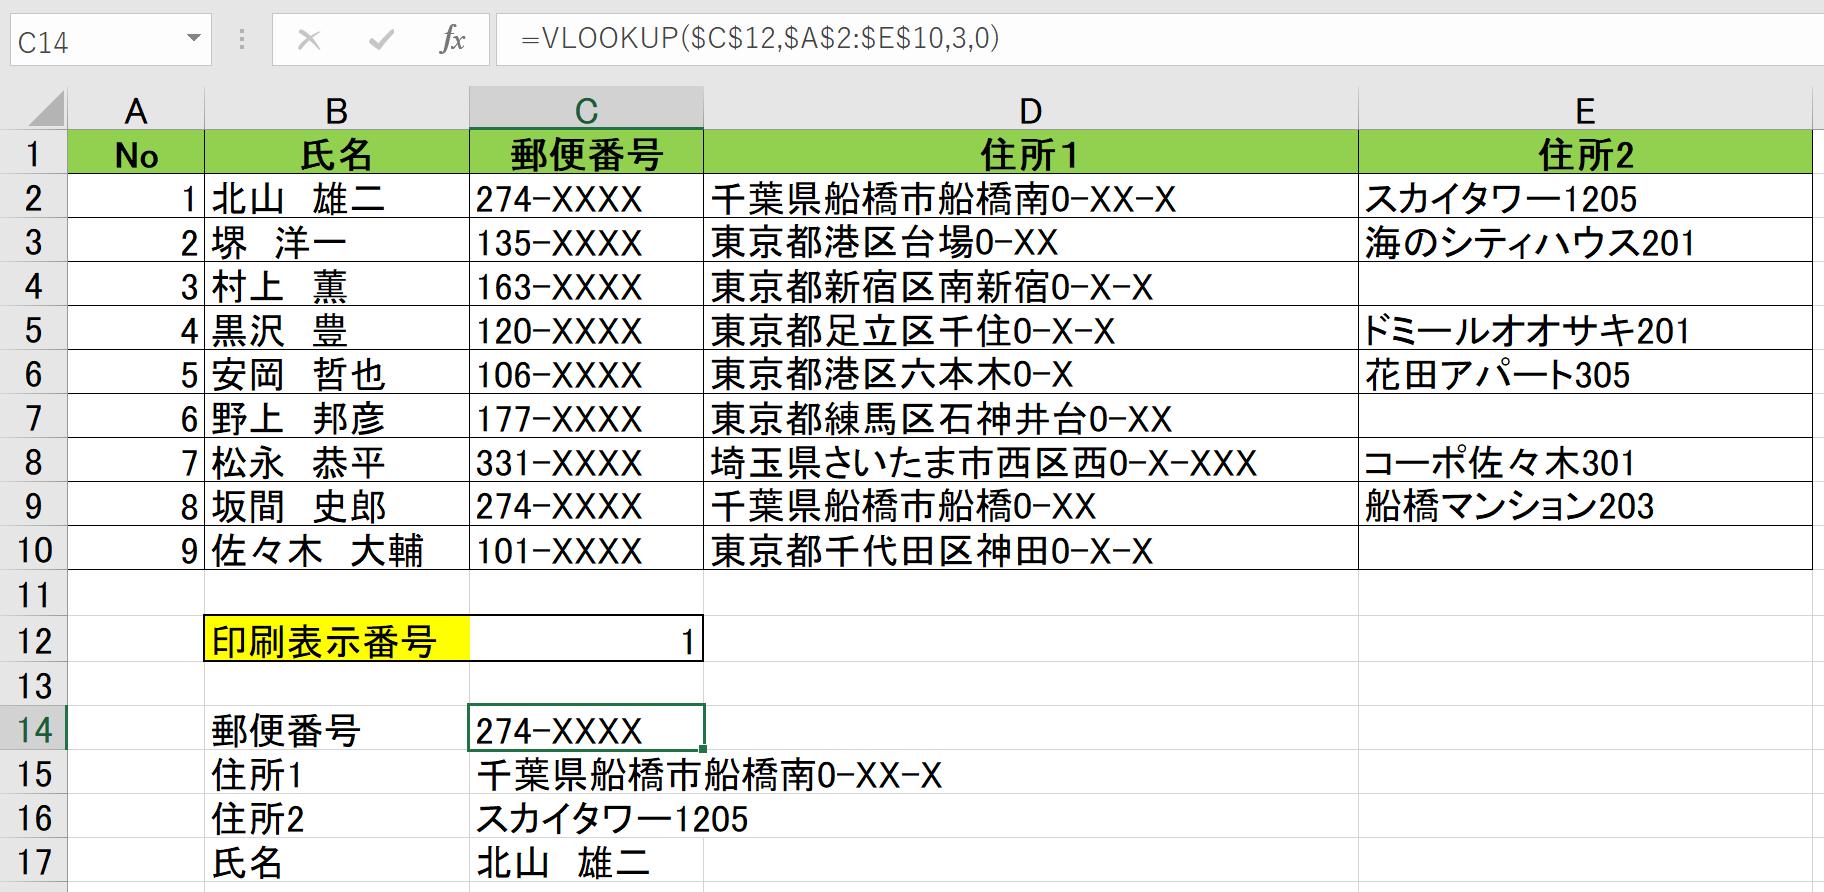 ラベル印刷簡単に作成・印刷!Excelでラベル印刷を行う方法2